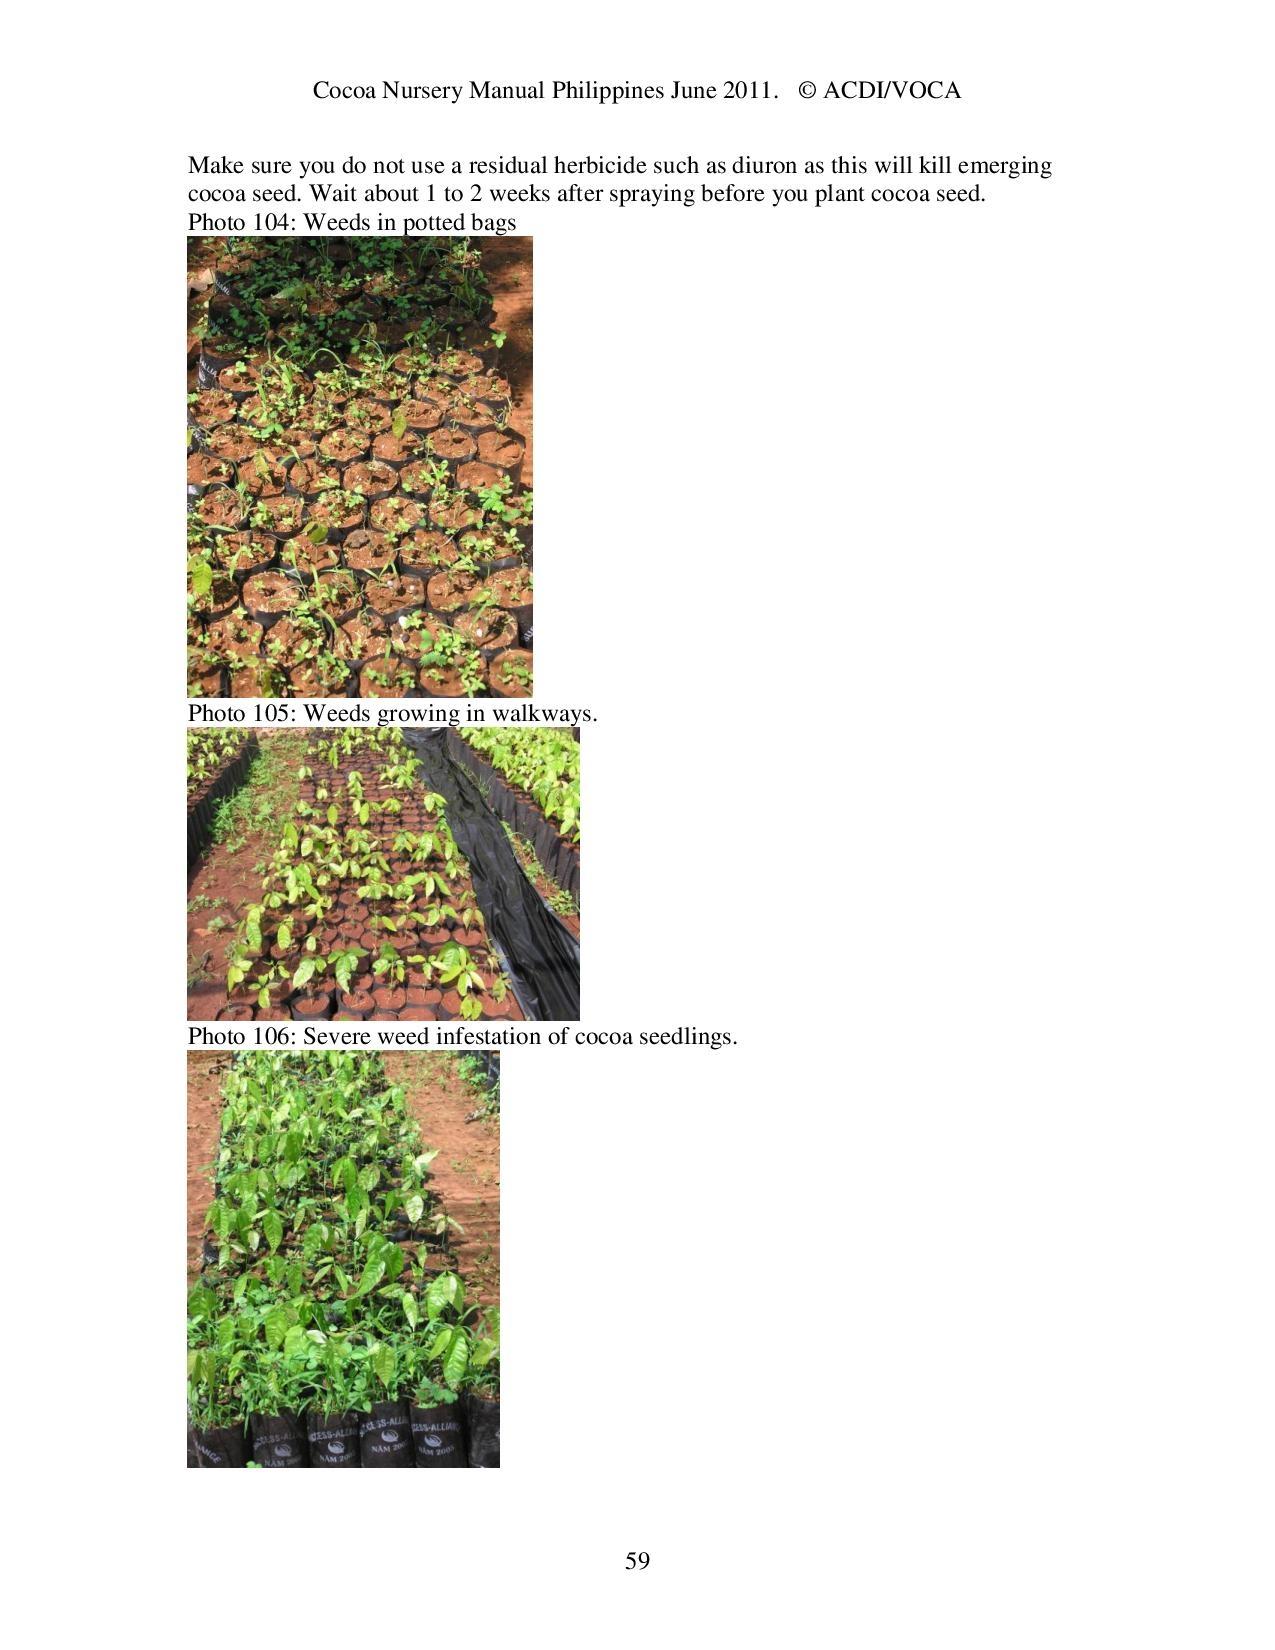 Cocoa-Nursery-Manual-2011_acdi-voca-page-059